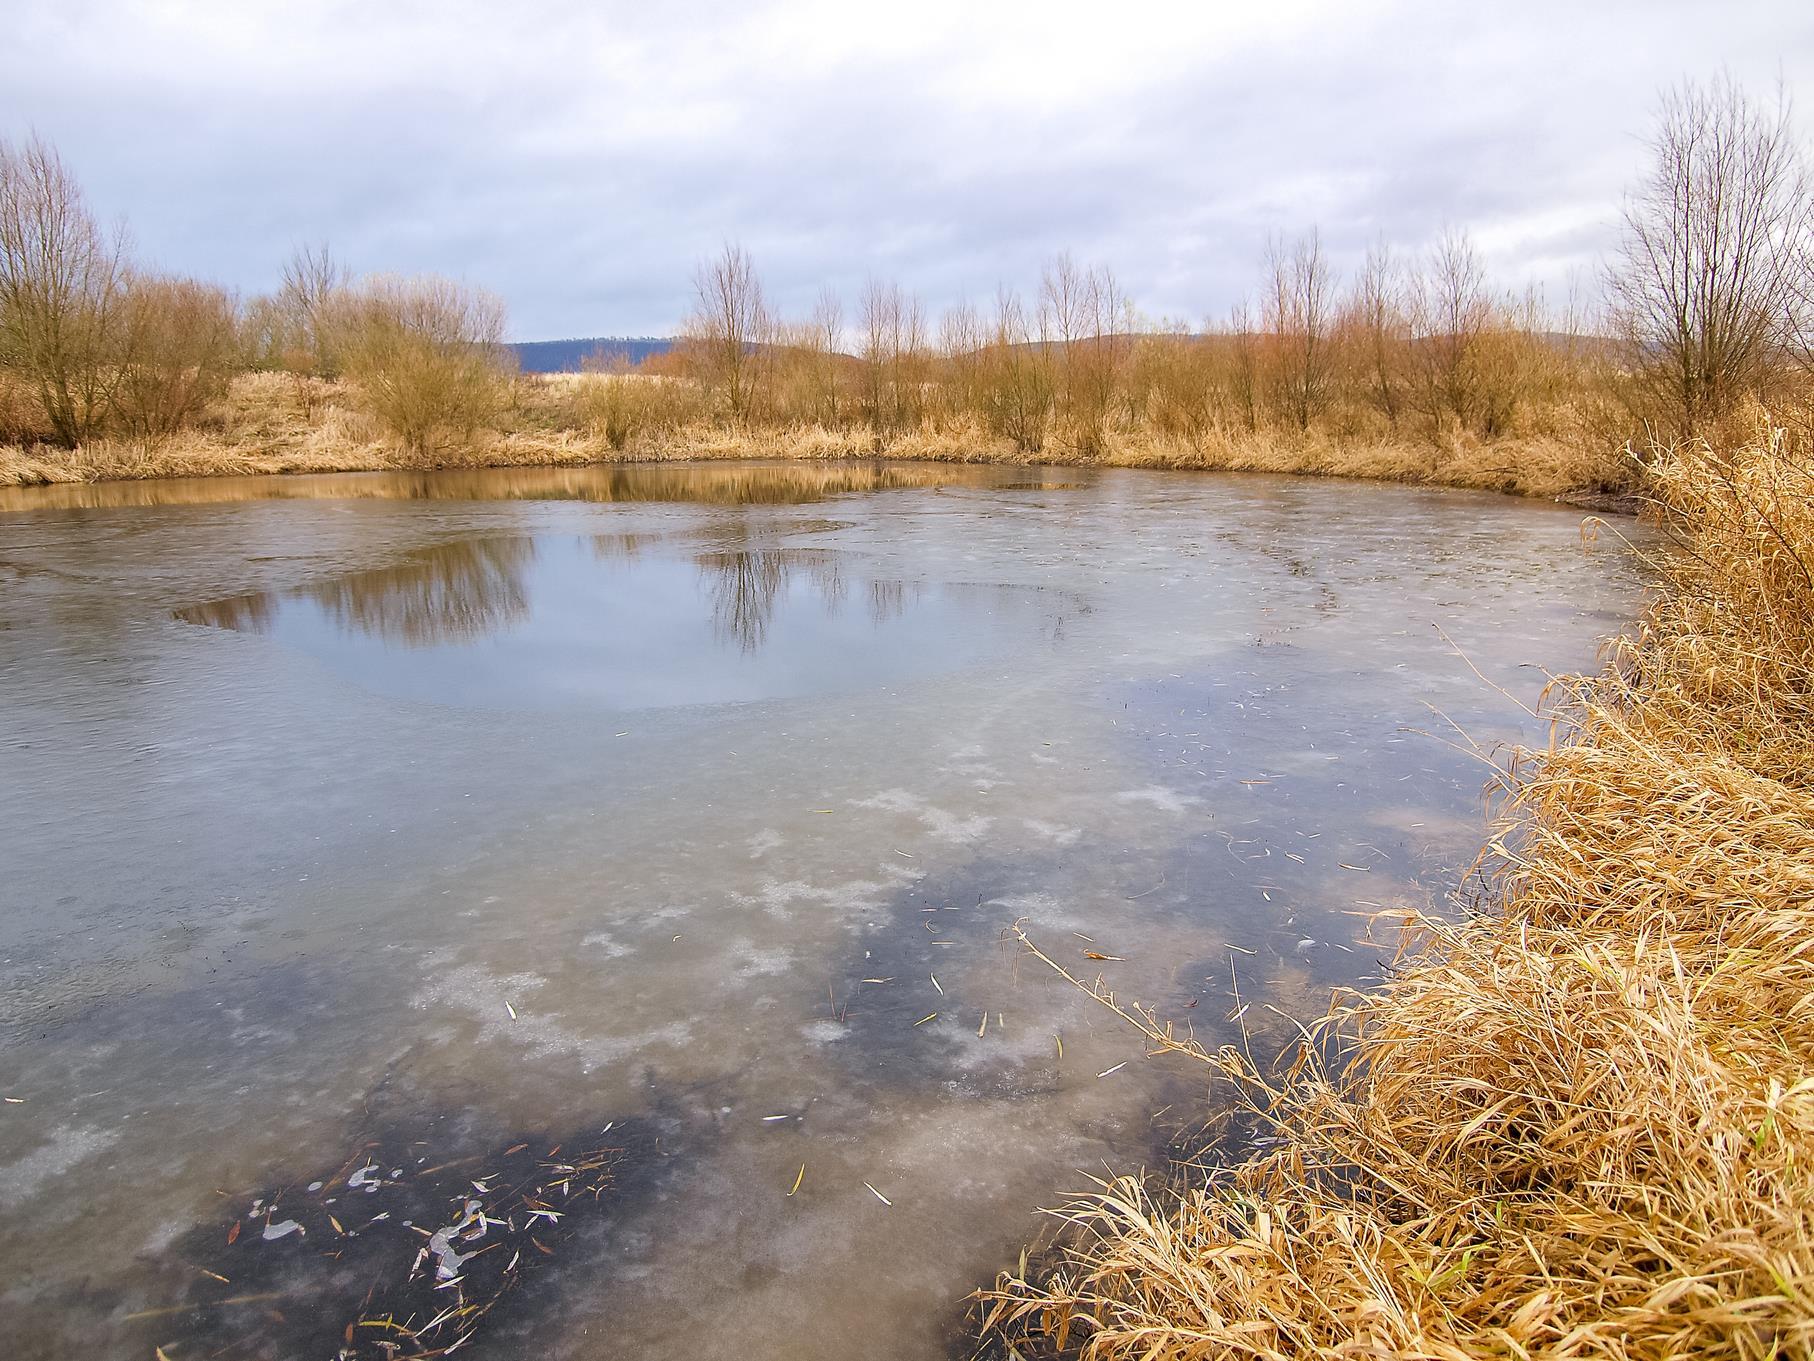 Gefrorenes Wasser in der Auenlandschaft.